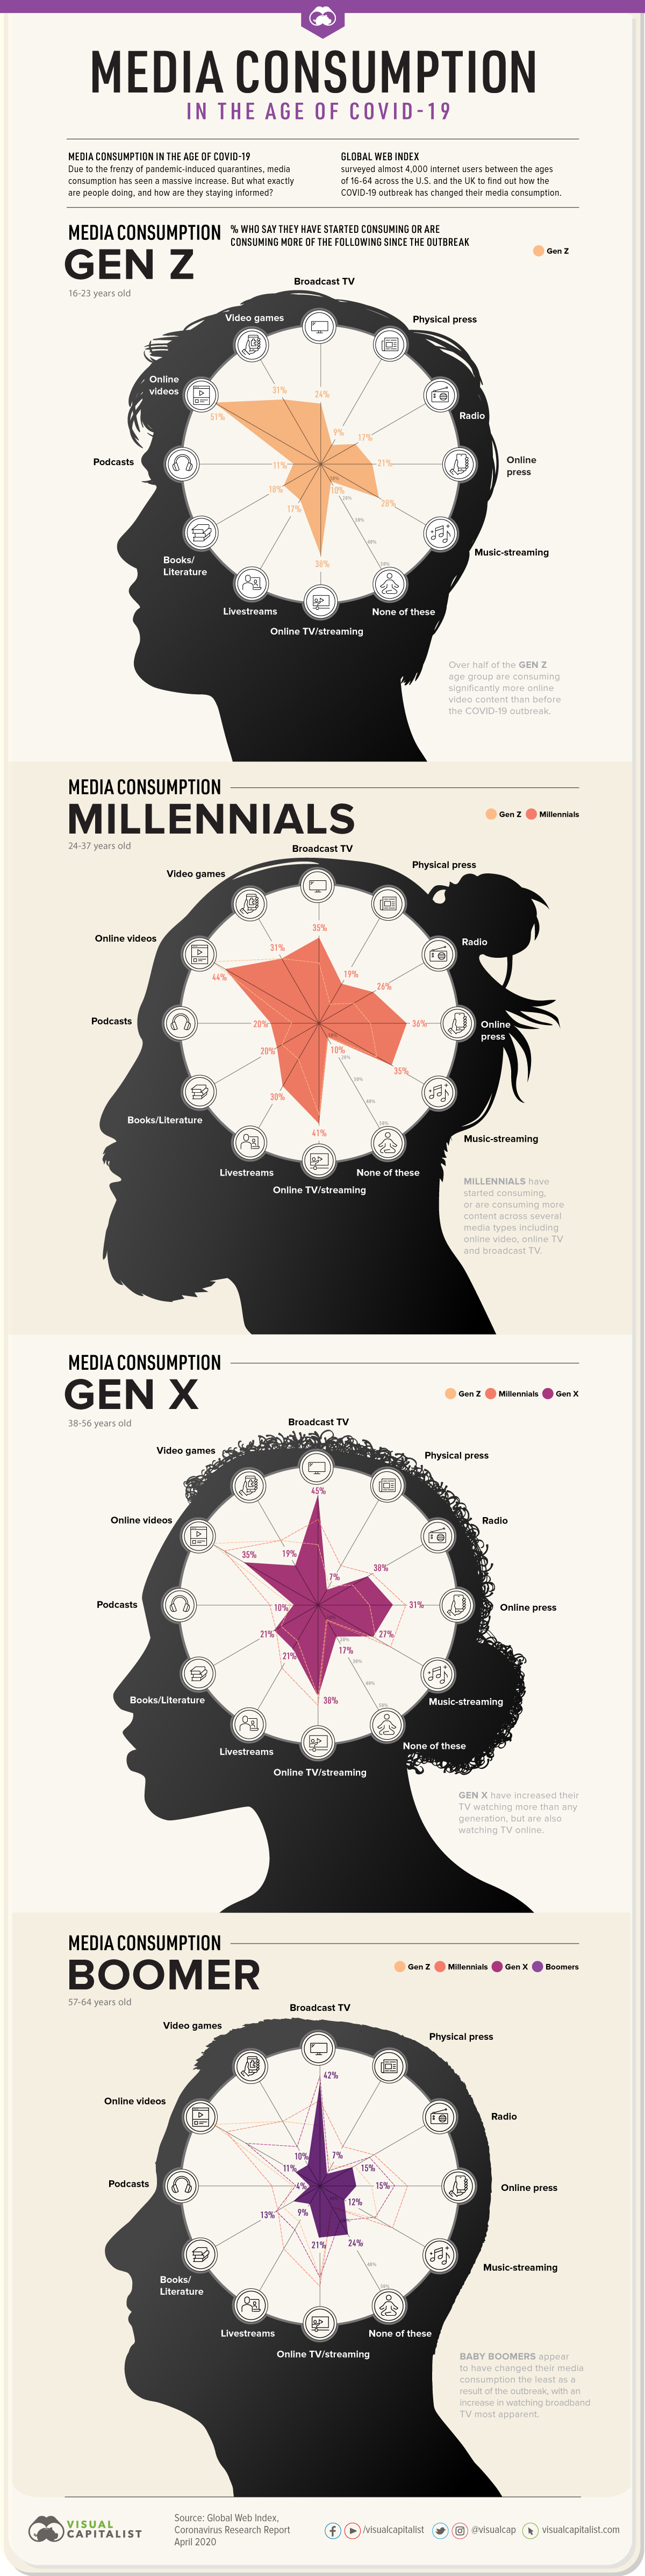 Consumo de medios de covid-19 por generación